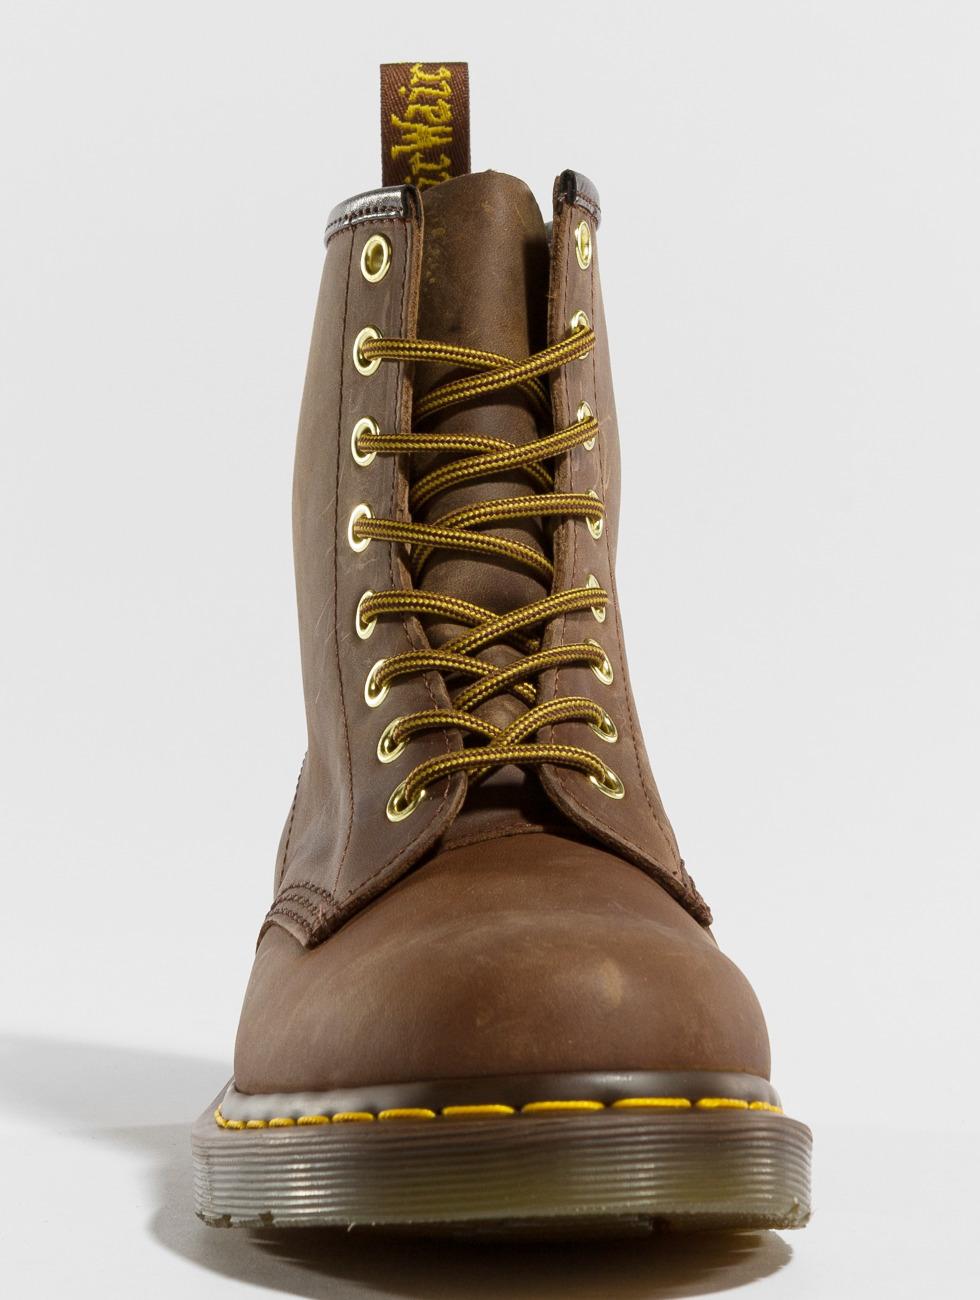 Dr. Martens schoen / Boots 1460 8-Eye Crazy Horse Aztec in bruin 497816 Goedkope Koop Groothandelsprijs Naar Goedkope Online Te Koop Winkelaanbod Goedkope Prijs Klaring Betaalbare WN0xV0